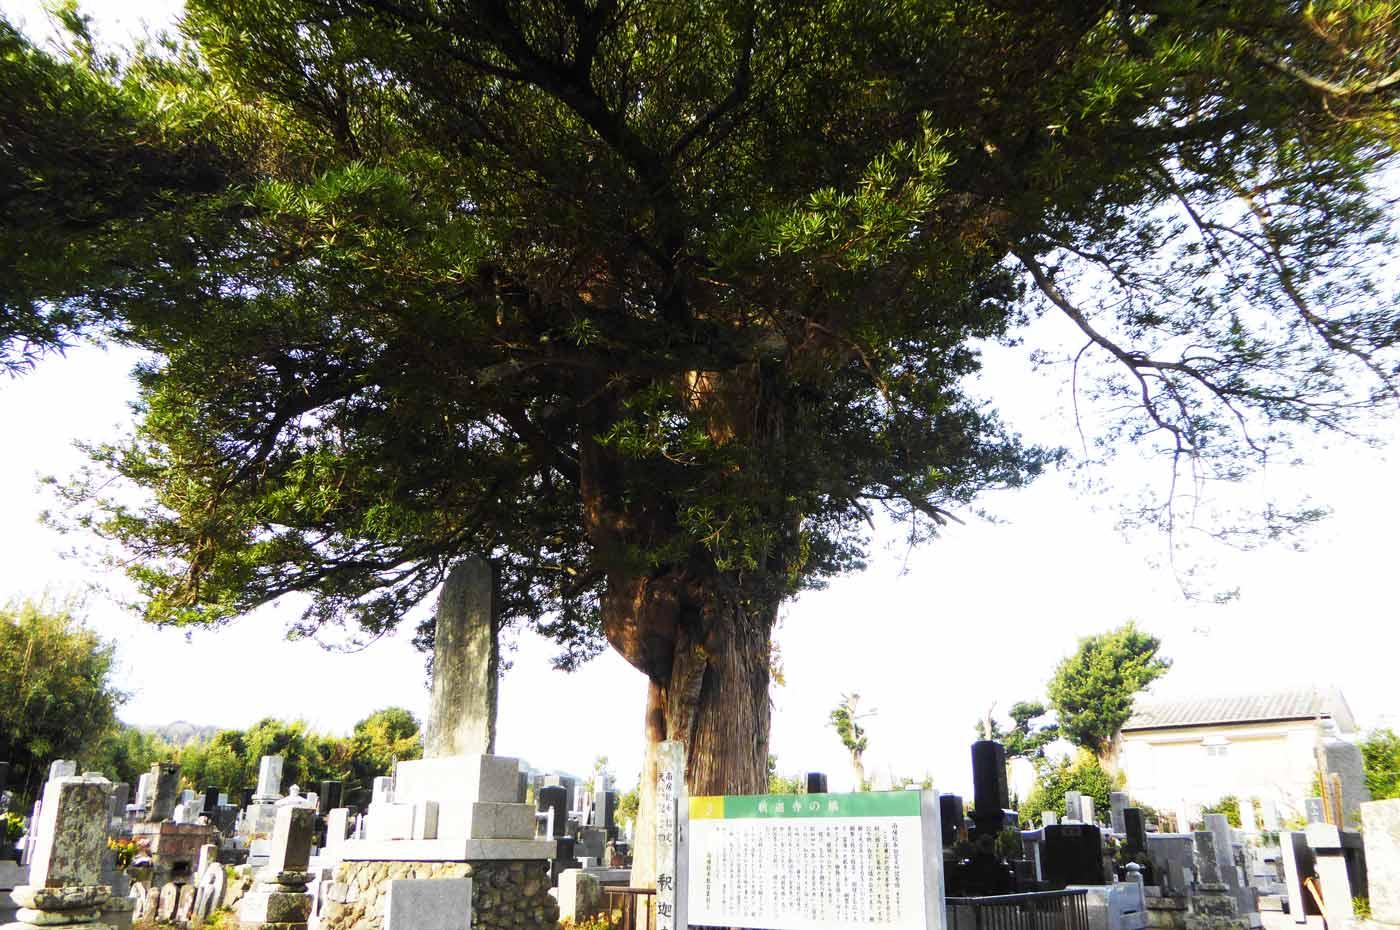 南房総市天然記念物の槙の木の画像